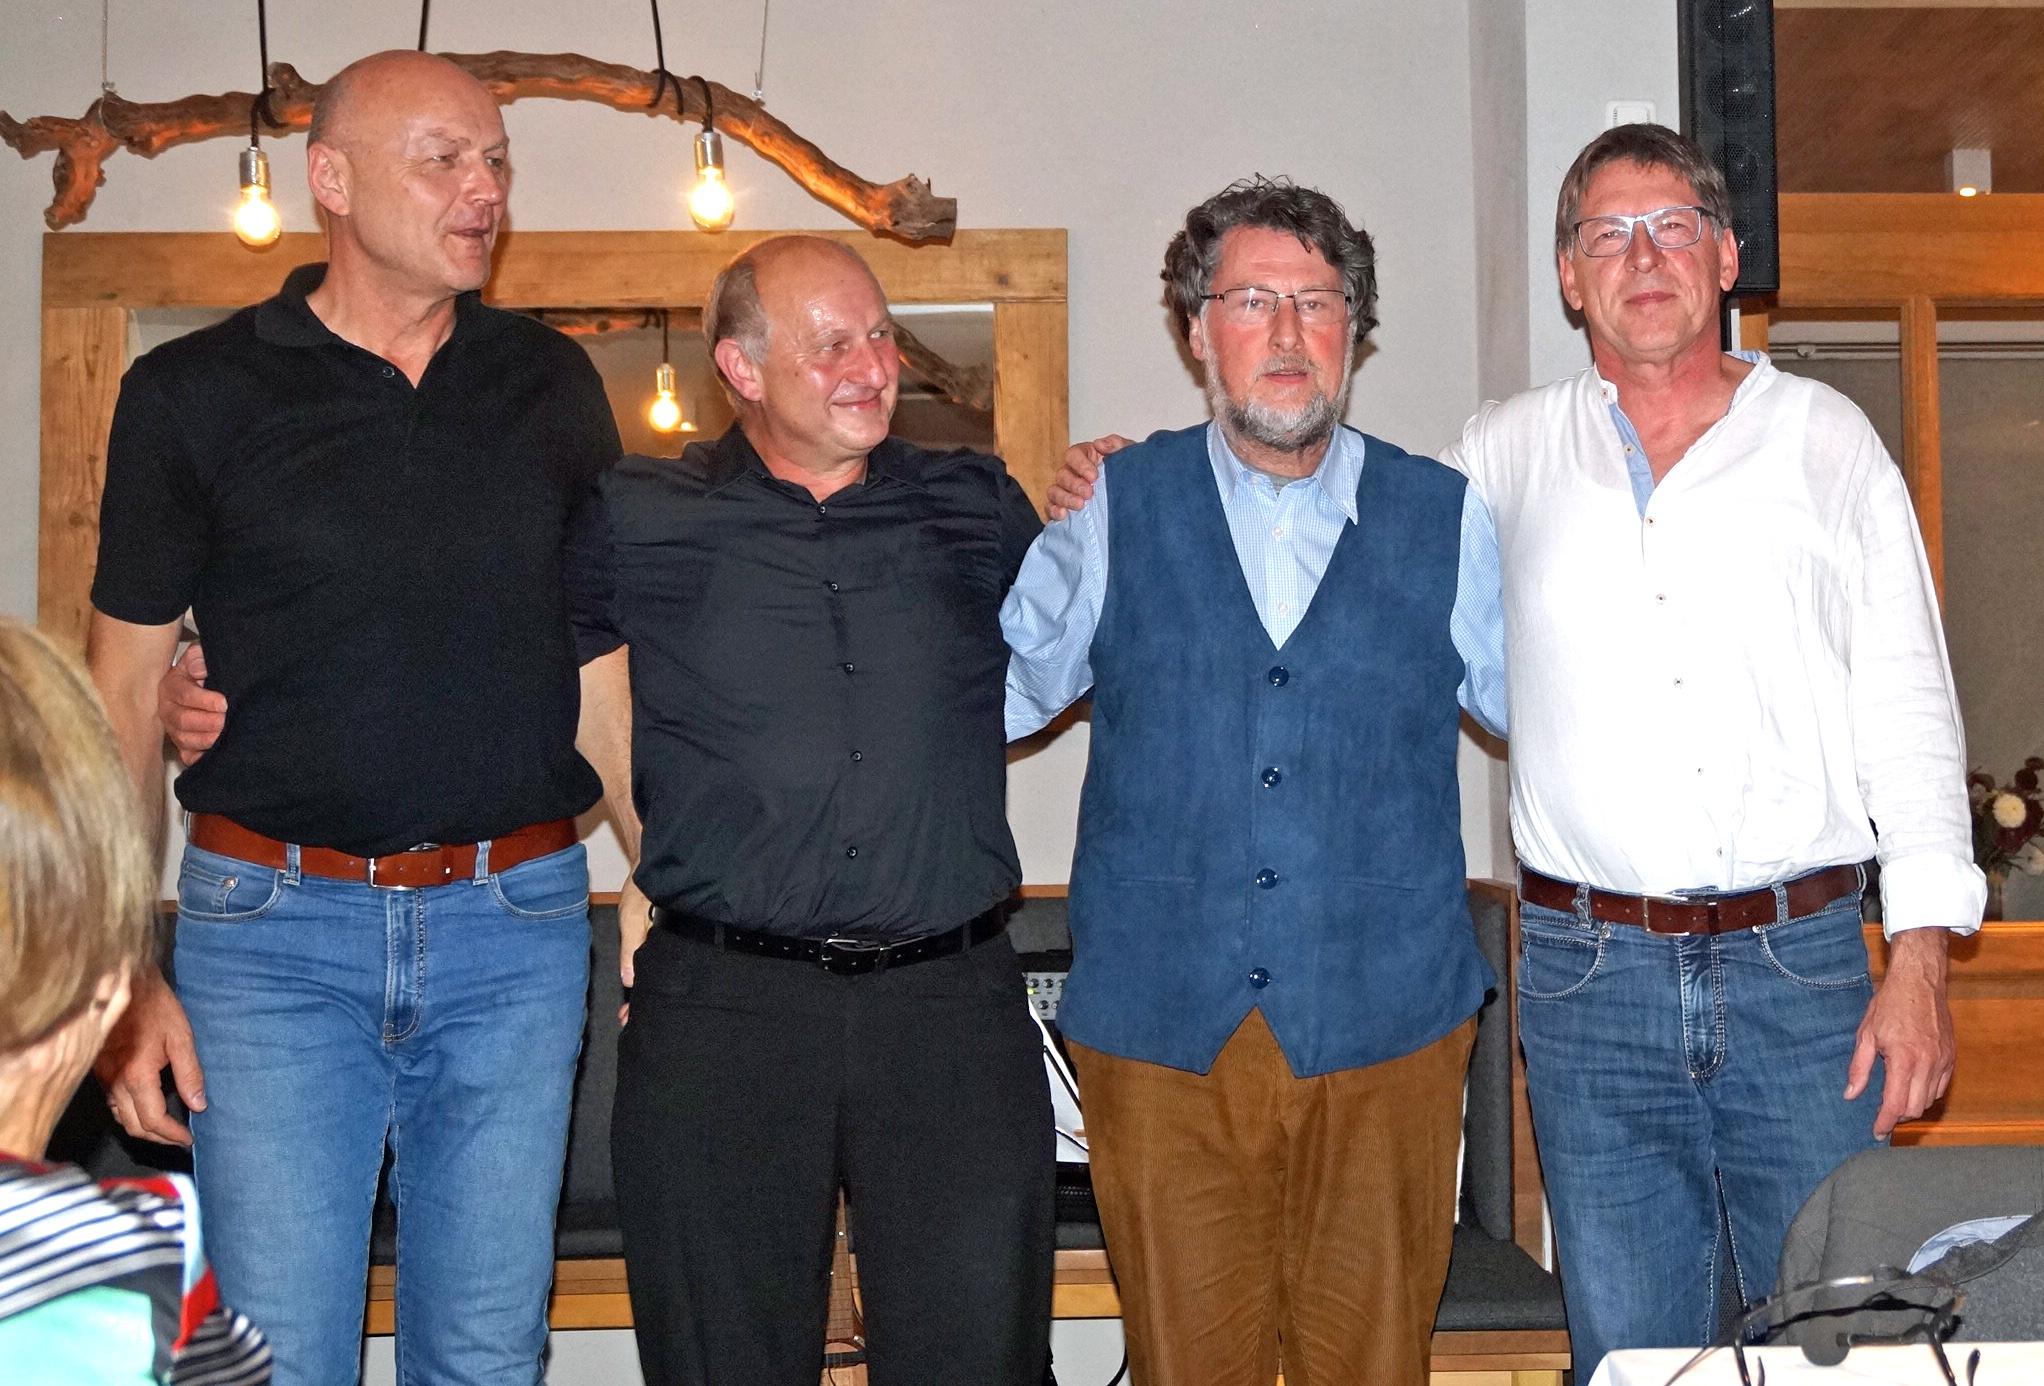 Die Vier Unverdorbenen nach dem rundum gelungenen Auftritt in Chammünster (v. li.) Jürgen Zach, Franz Schöberl, Karl Stumpfi und Klaus Götze. Fotos: Alfred Grassmann